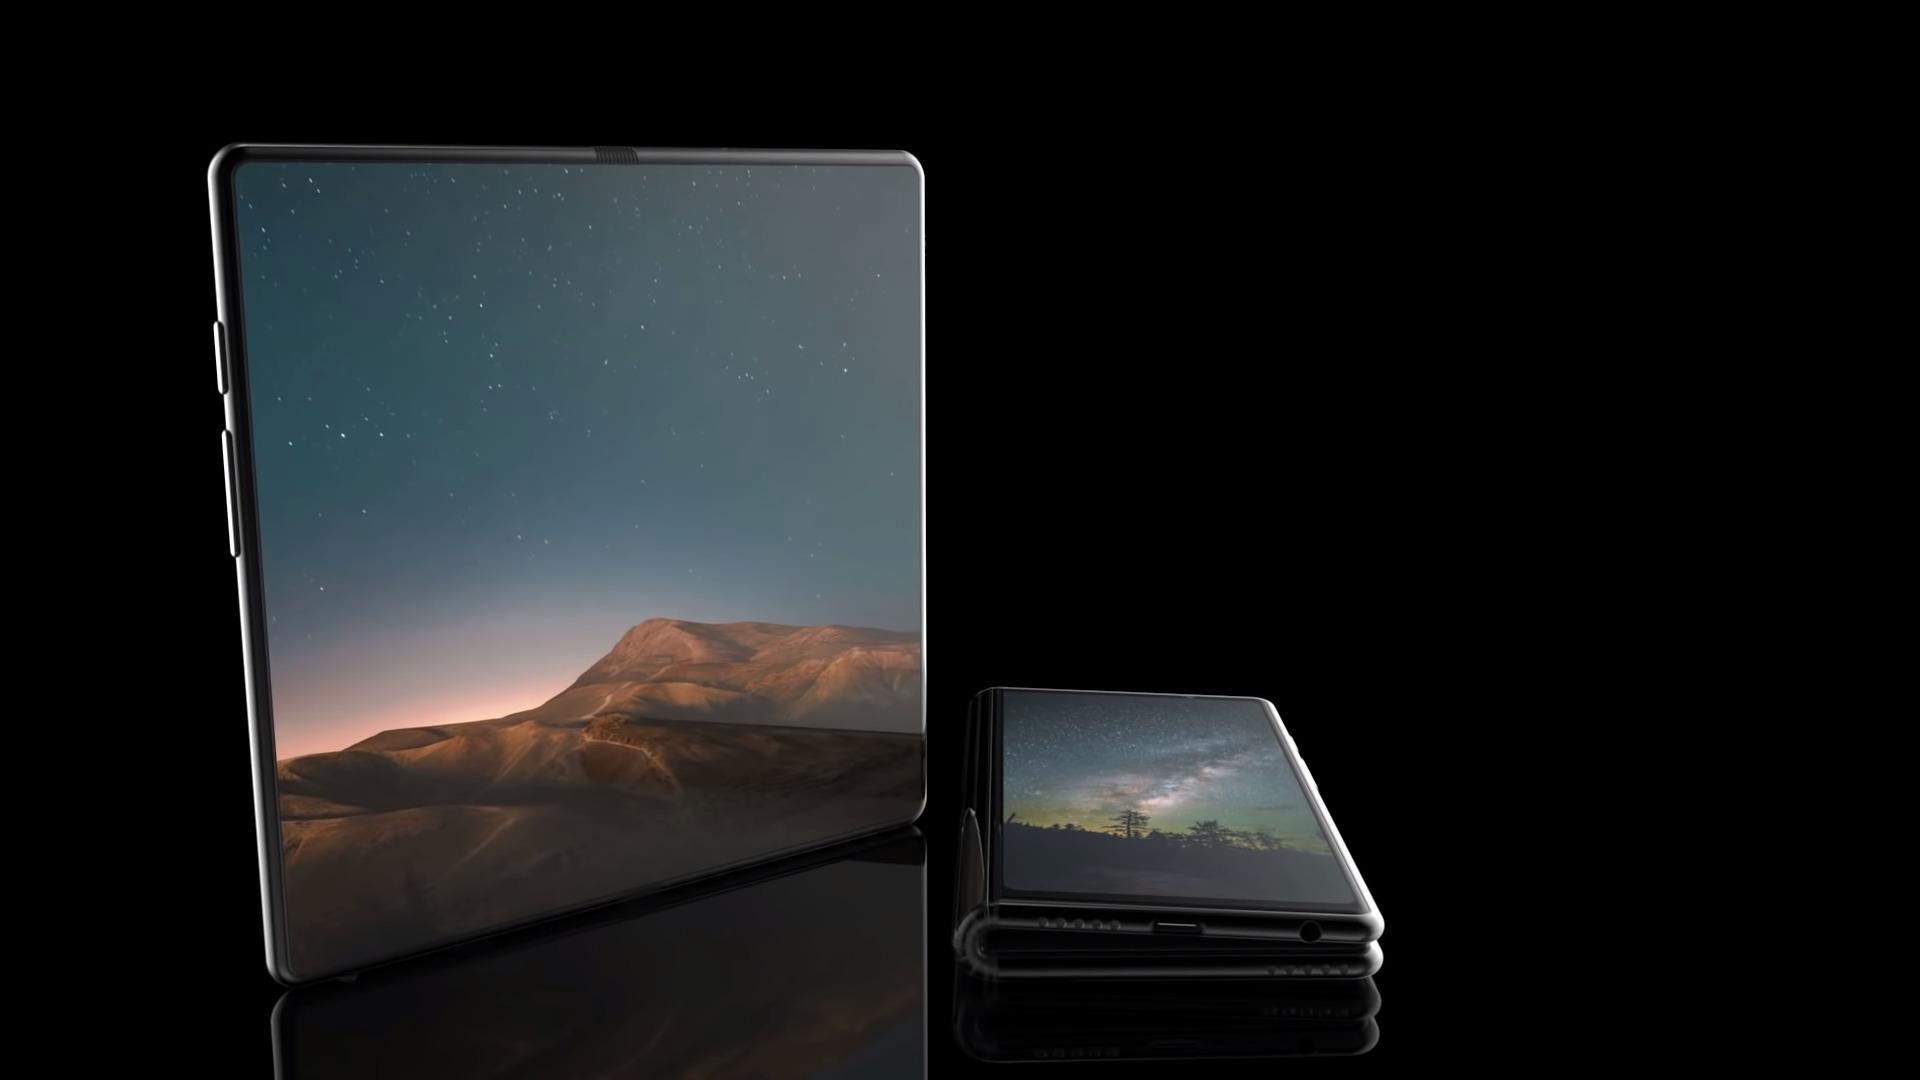 Rendus 3D : le smartphone pliable de Samsung suscite l'imagination des concepteurs